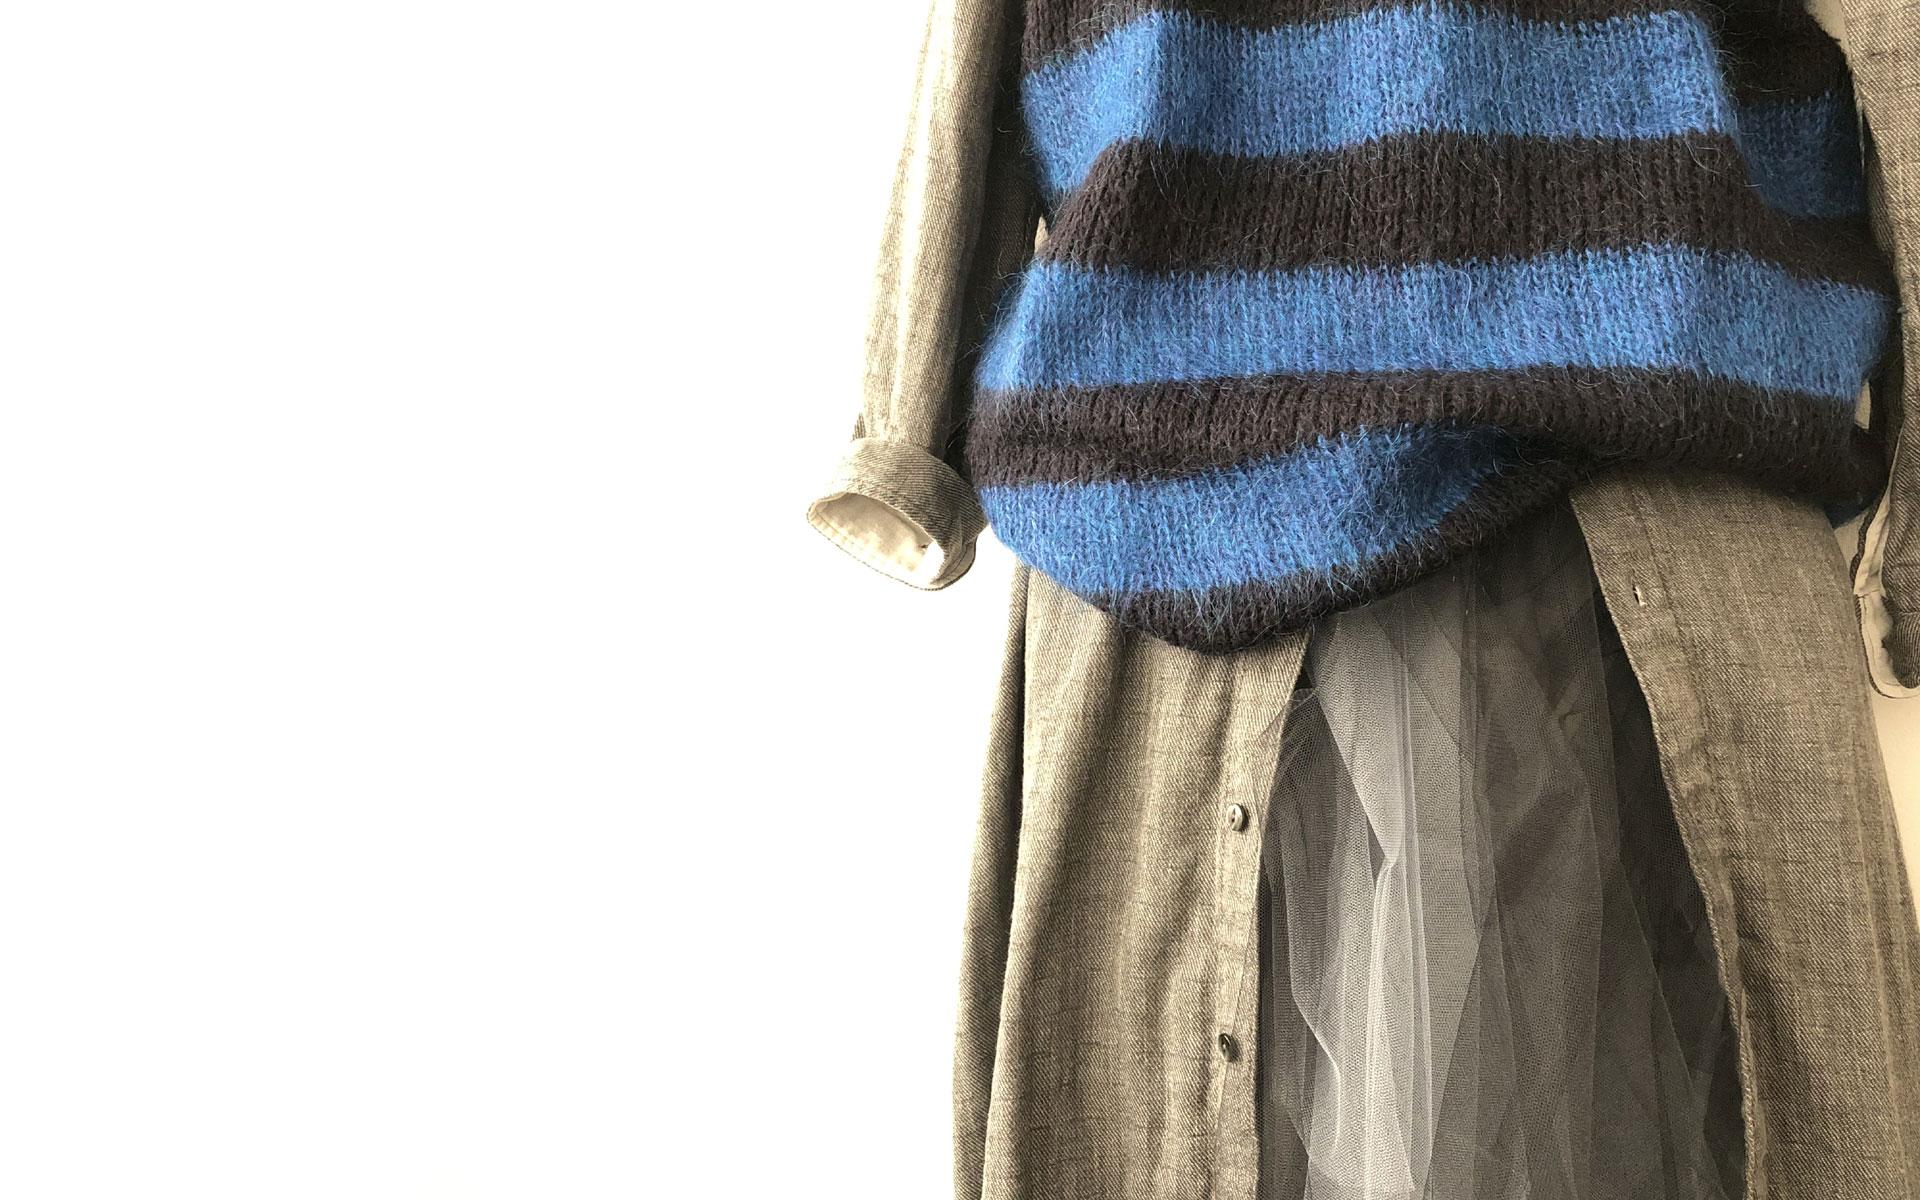 ナチュラル服・肌触りの良い大人のガーゼ服はao daikanyama   アオ代官山